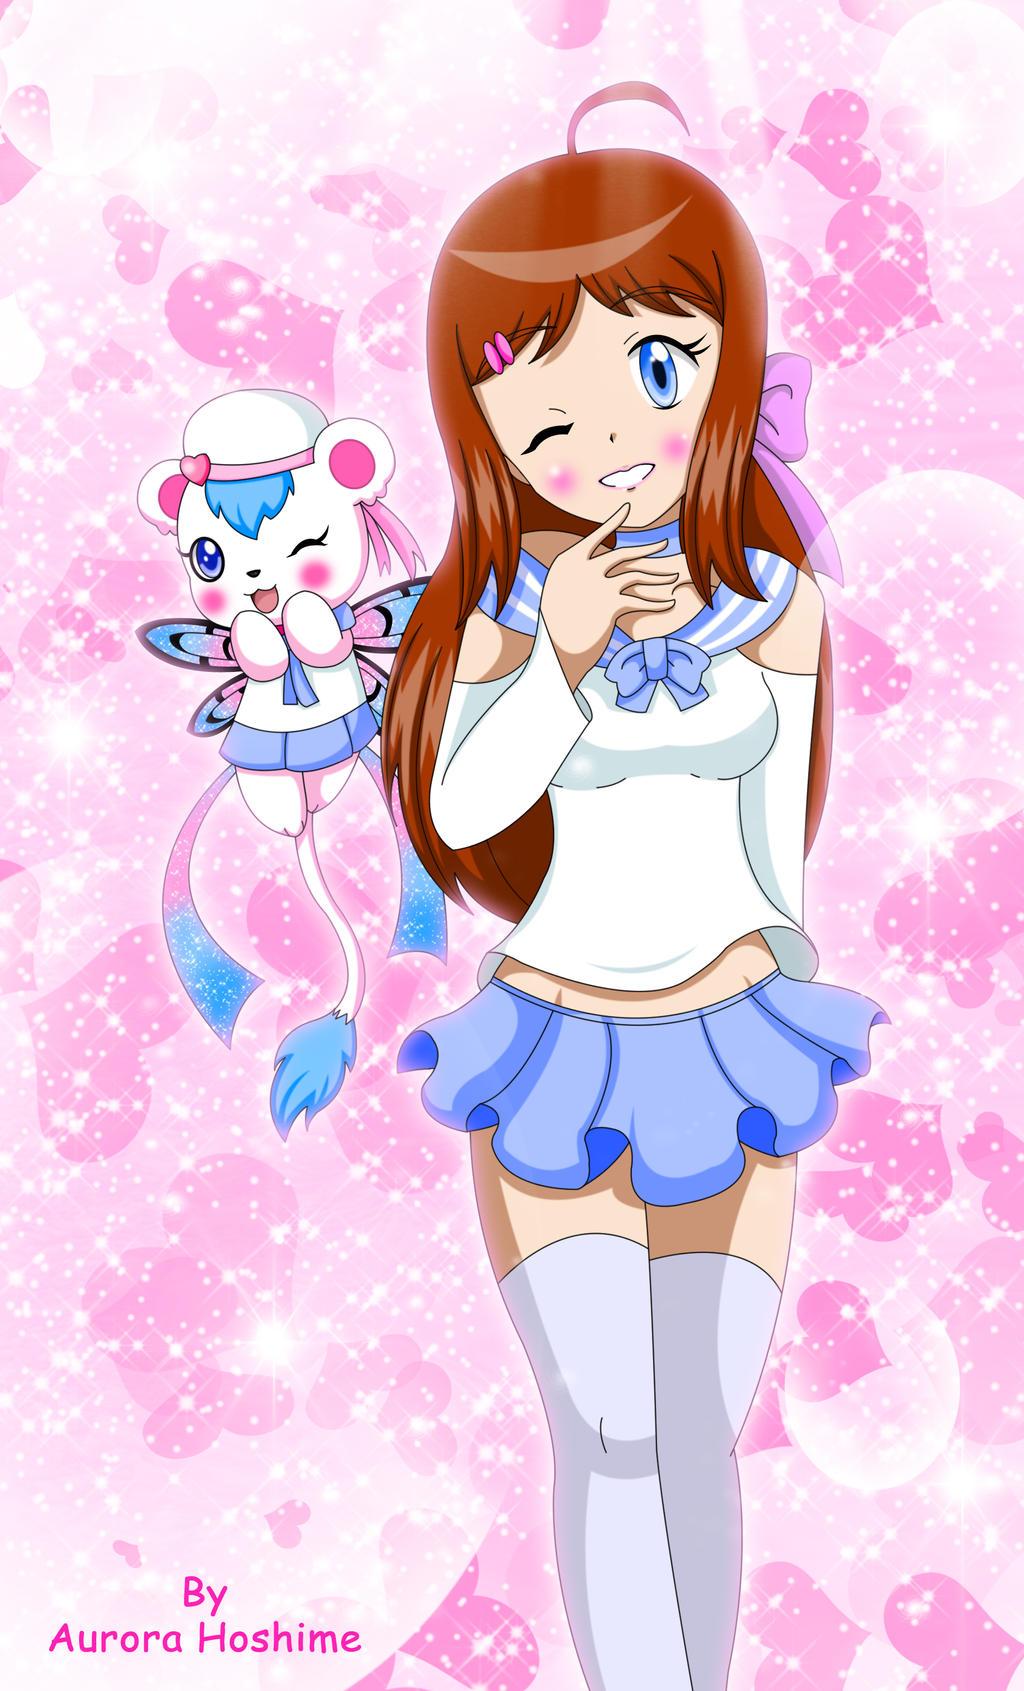 TDA Fanservice Friday: Sailor uniform by FairyAurora